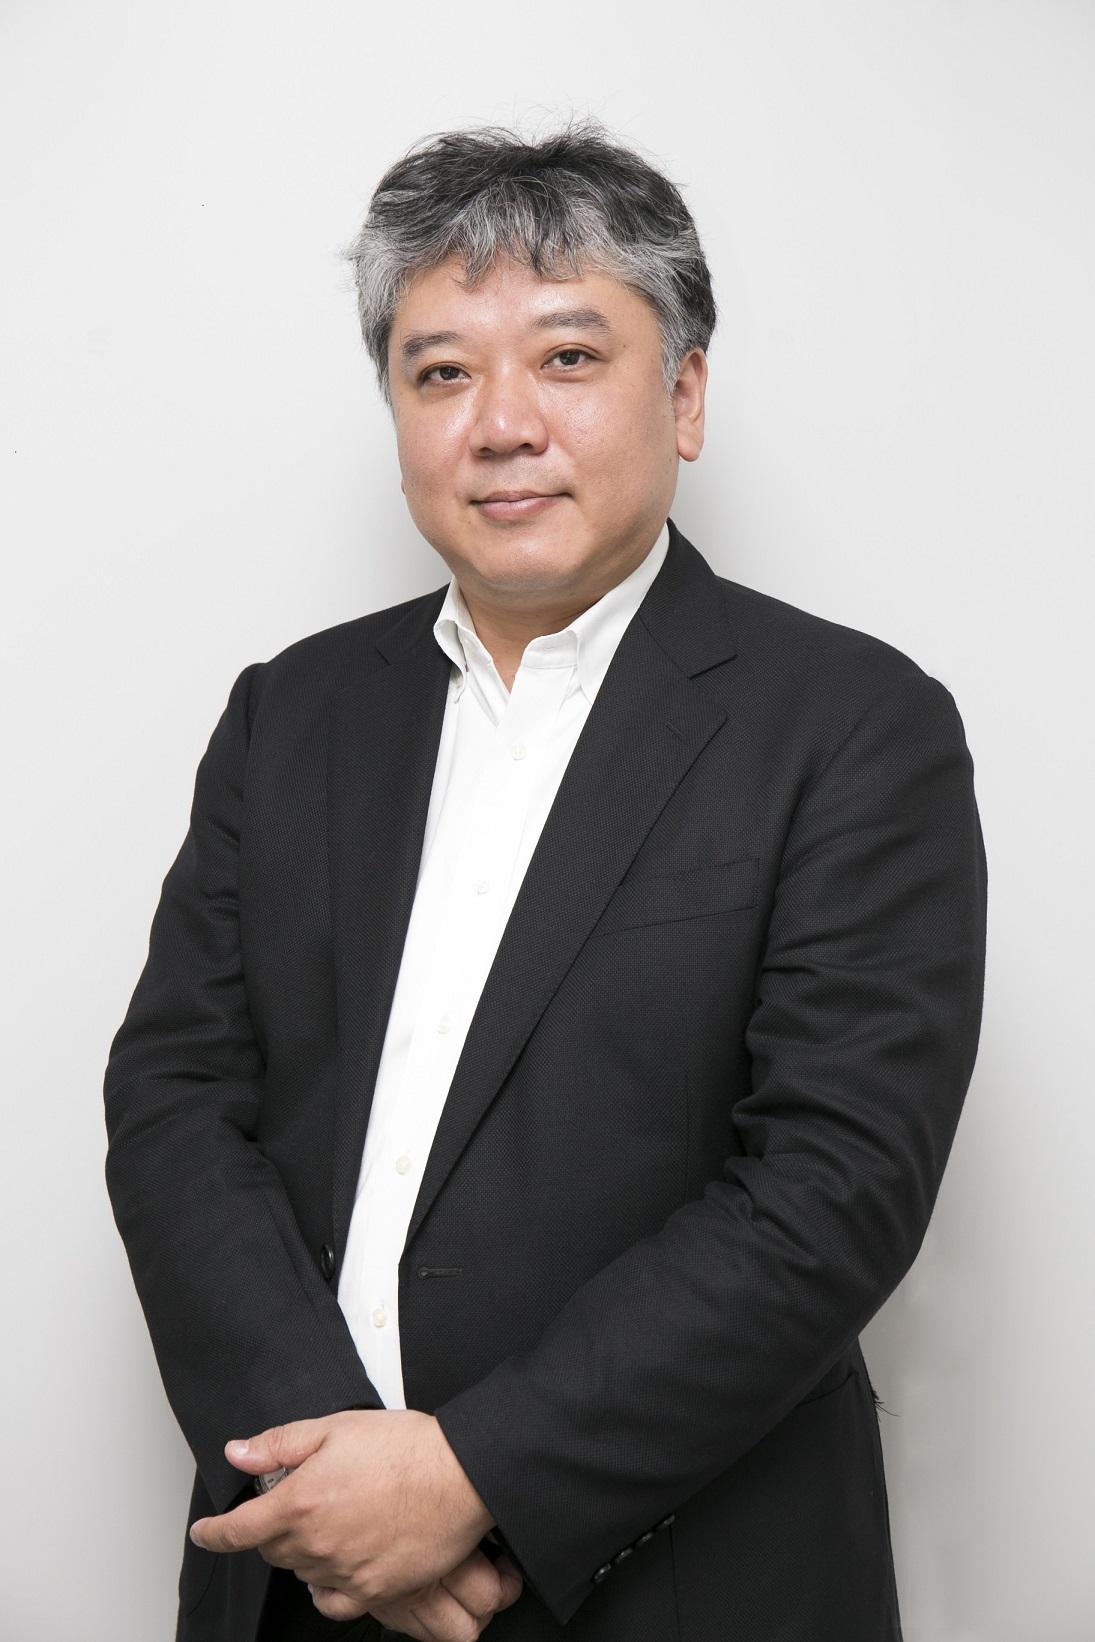 第12回常石CSV講演会「大変革の時代をどう生きるか」をテーマに株式会社BOLBOP代表取締役CEOの酒井穣氏が講演